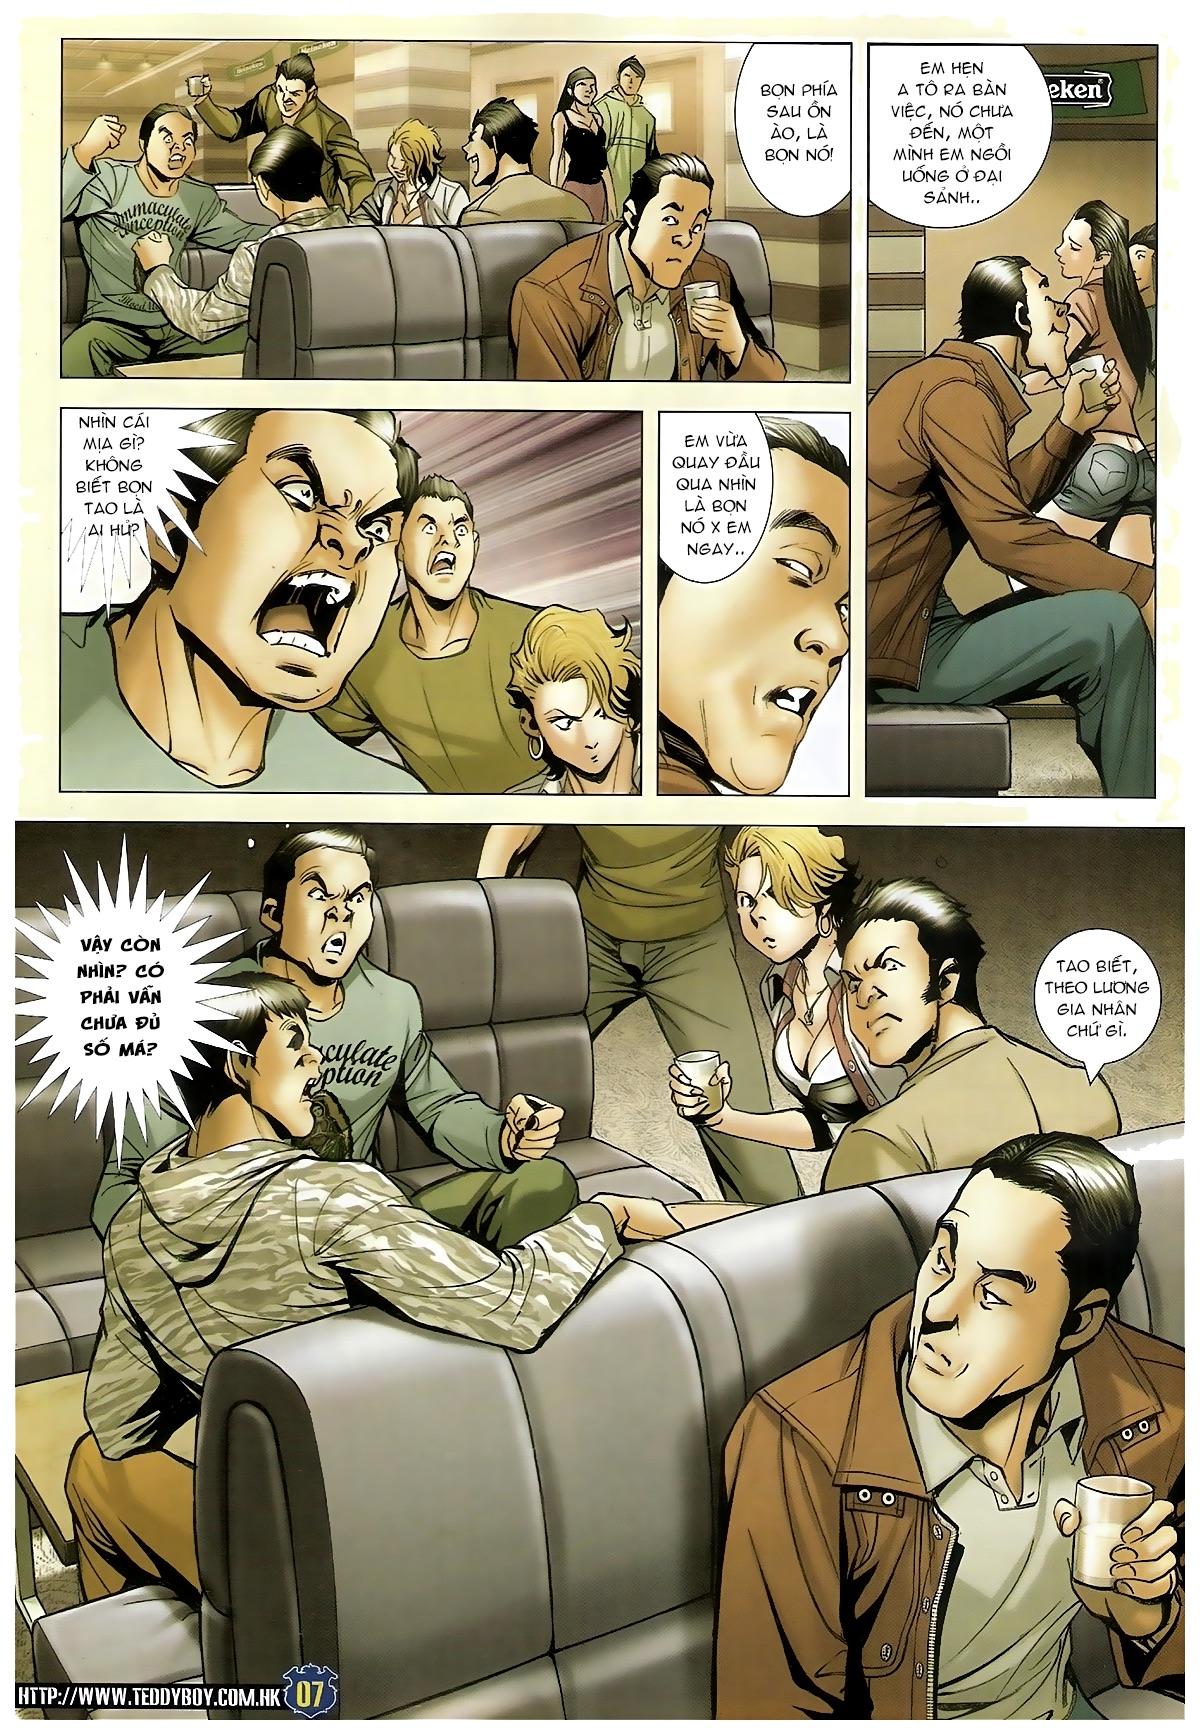 Người Trong Giang Hồ - Chapter 1493: Tốt bụng làm hỏng chuyện - Pic 6